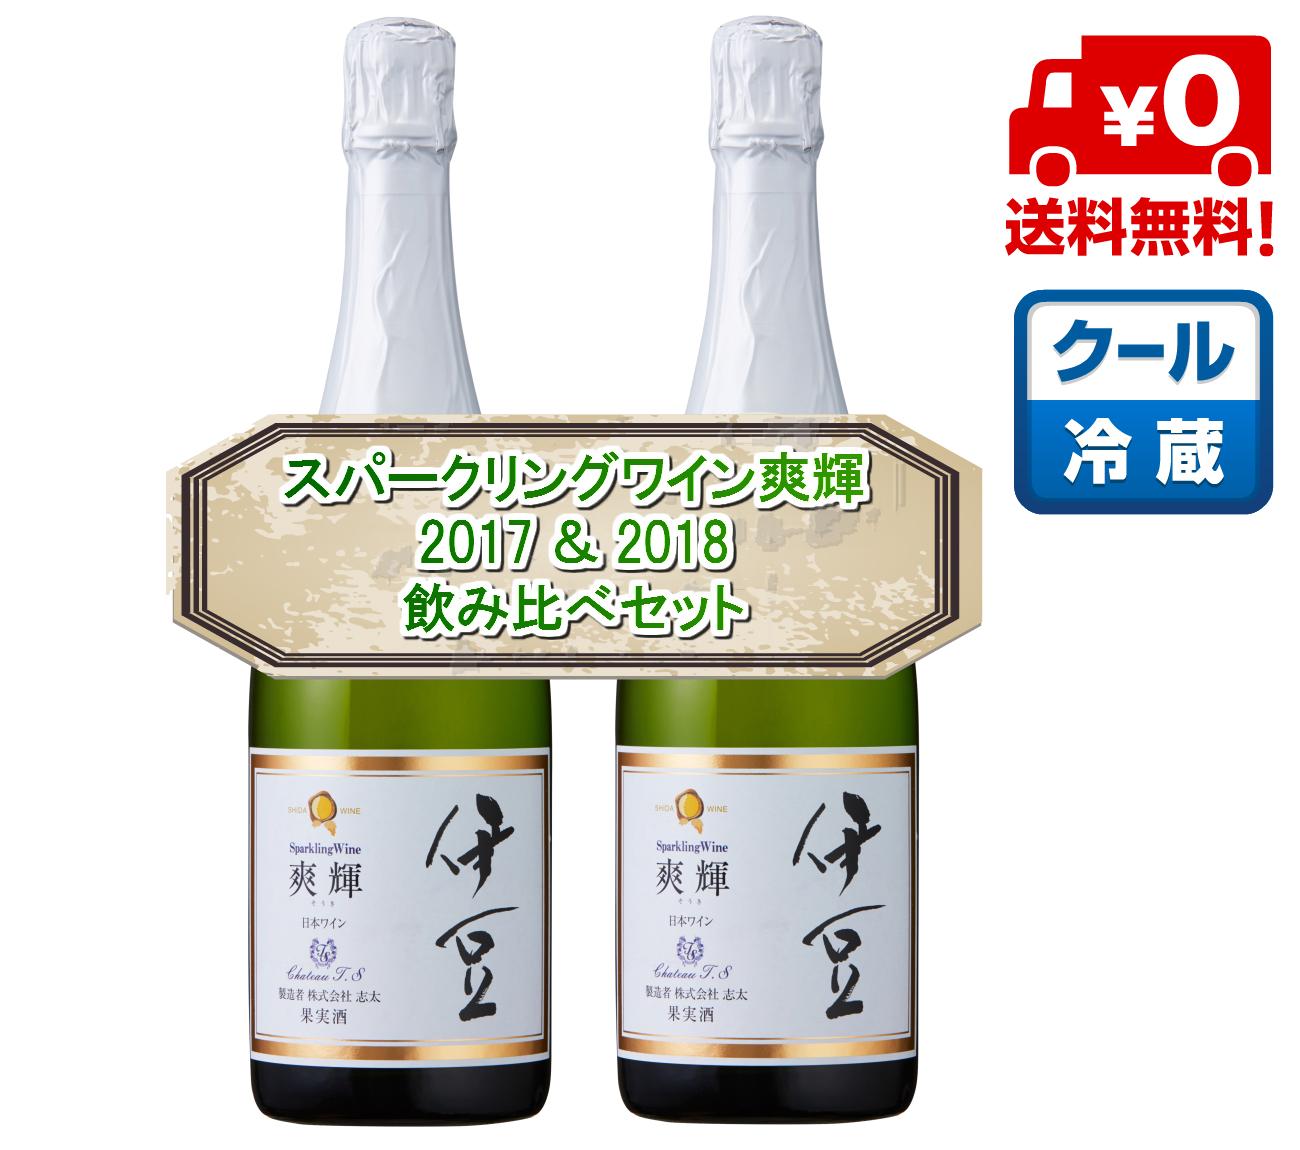 【送料無料】伊豆スパークリングワイン爽輝2017&2018飲み比べセット(白・辛口)